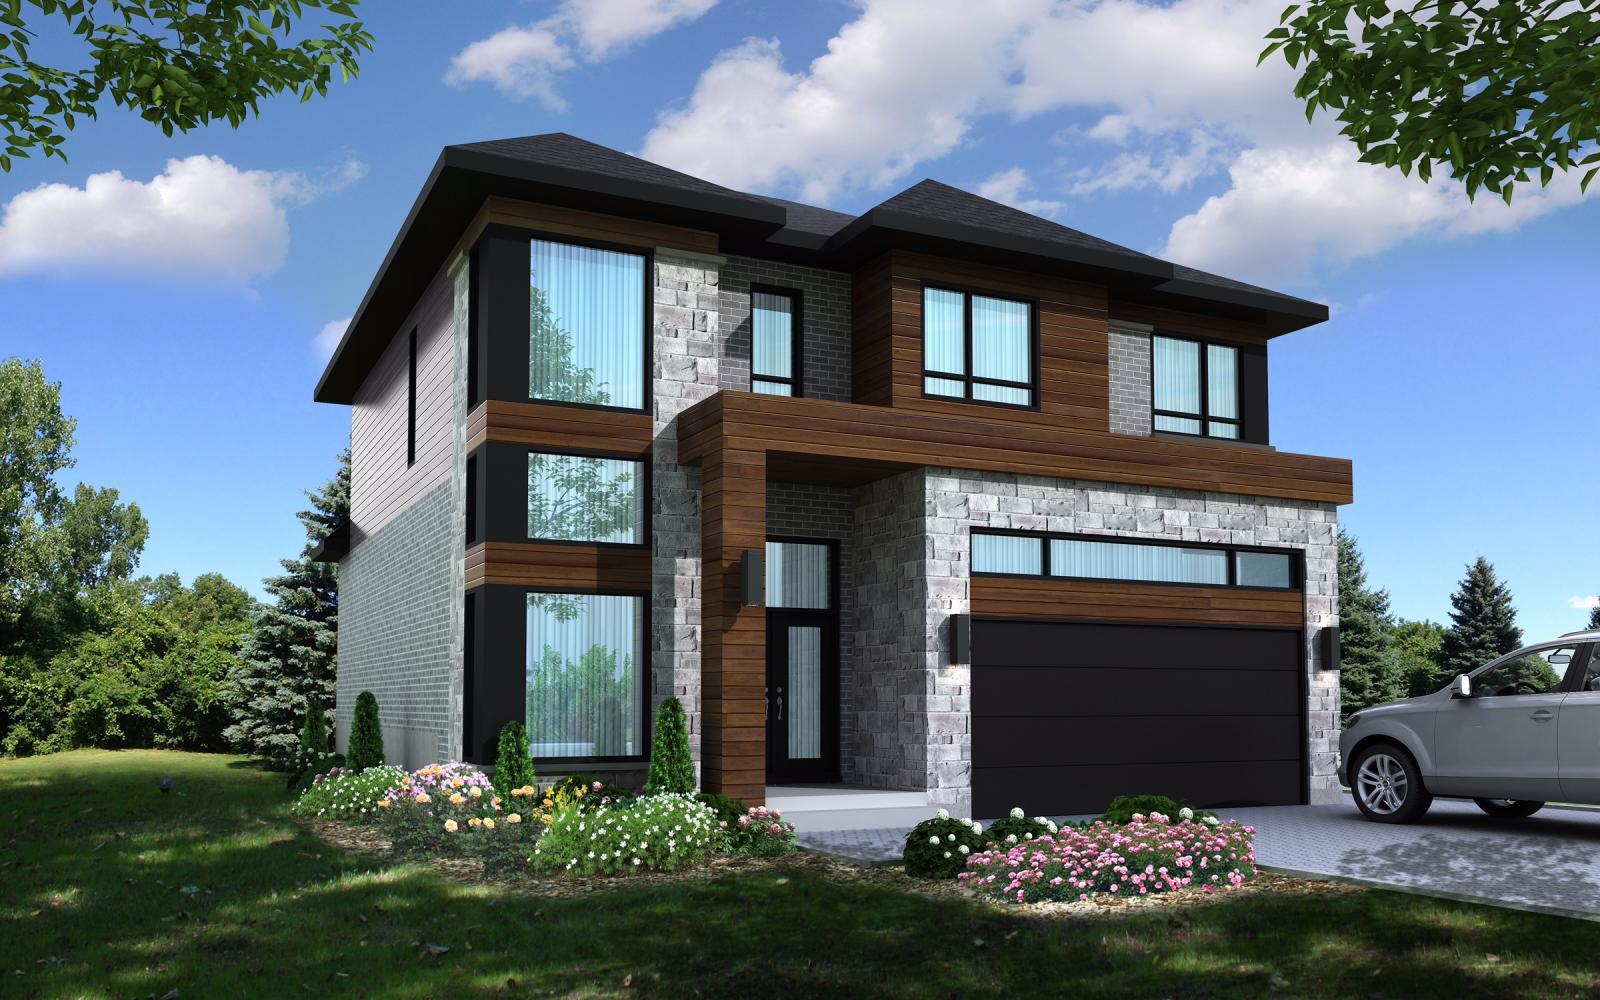 Secteur r maisons brossard for Maison neuve projet